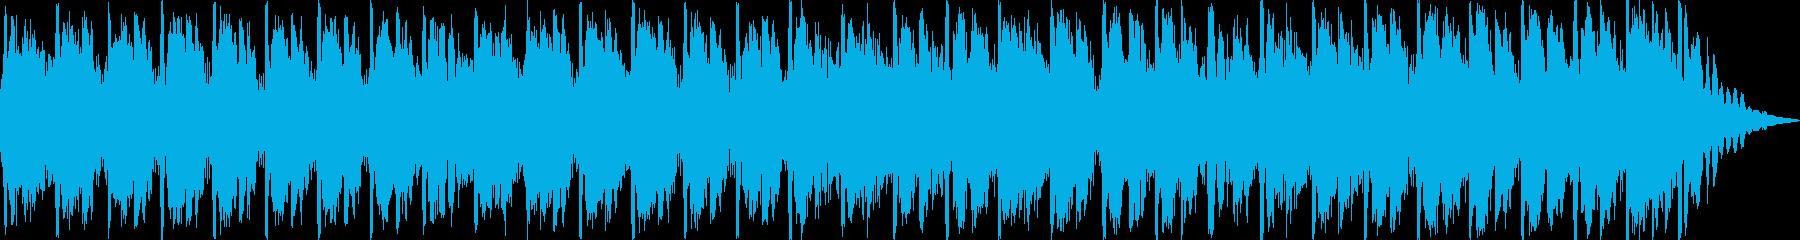 人気のある電子機器 実験的 積極的...の再生済みの波形